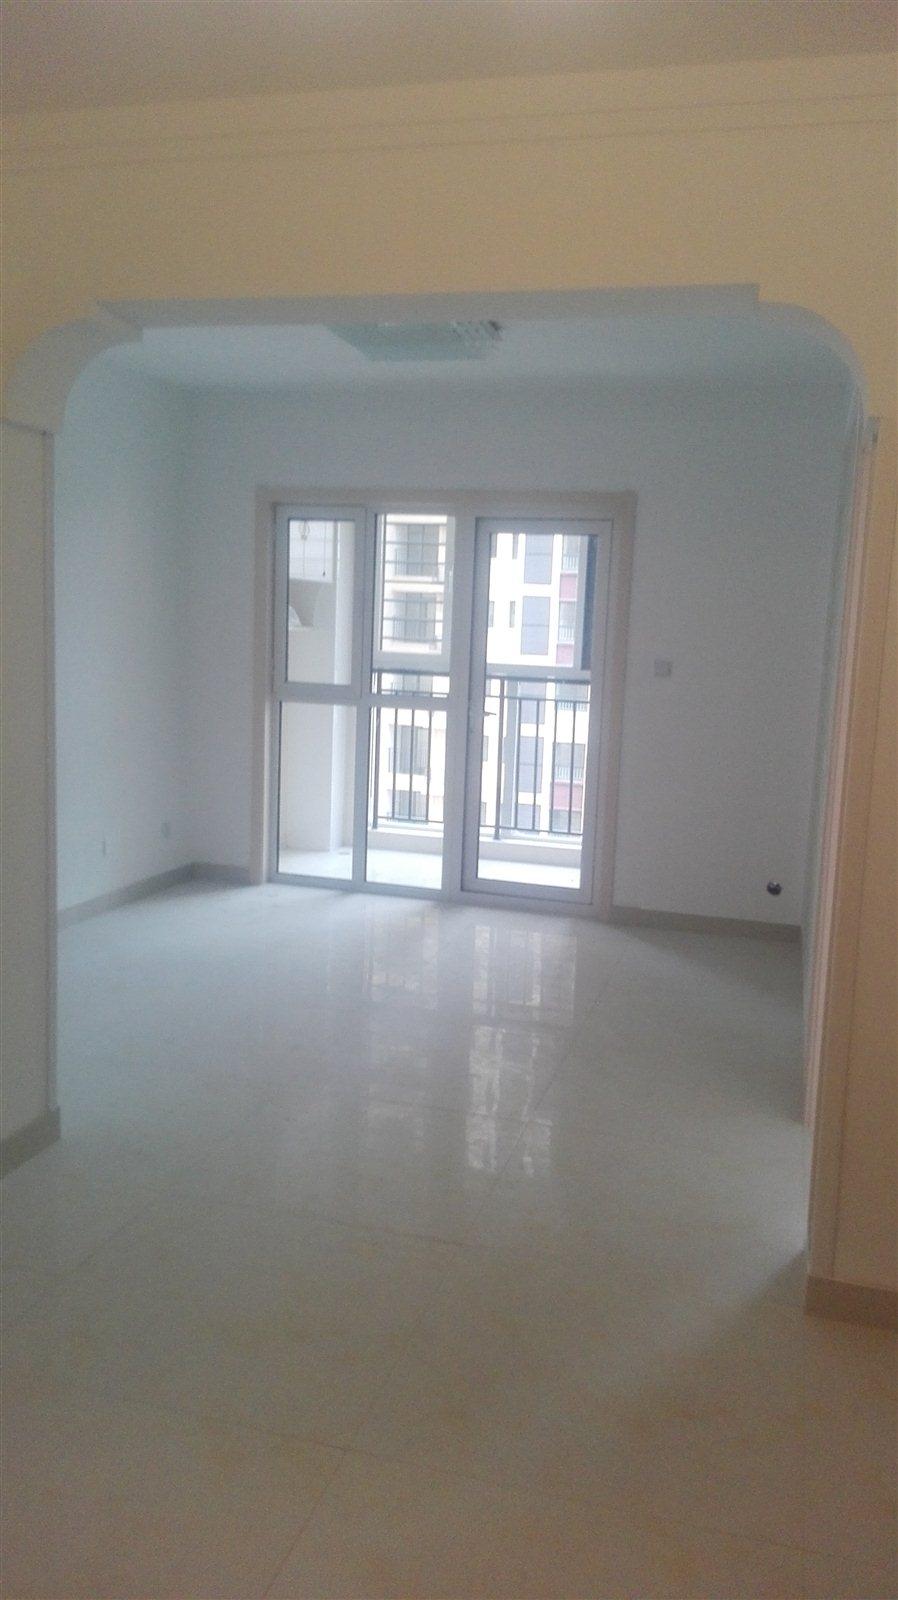 舍2_荣盛·馨河郦舍2室2厅1卫800元/月